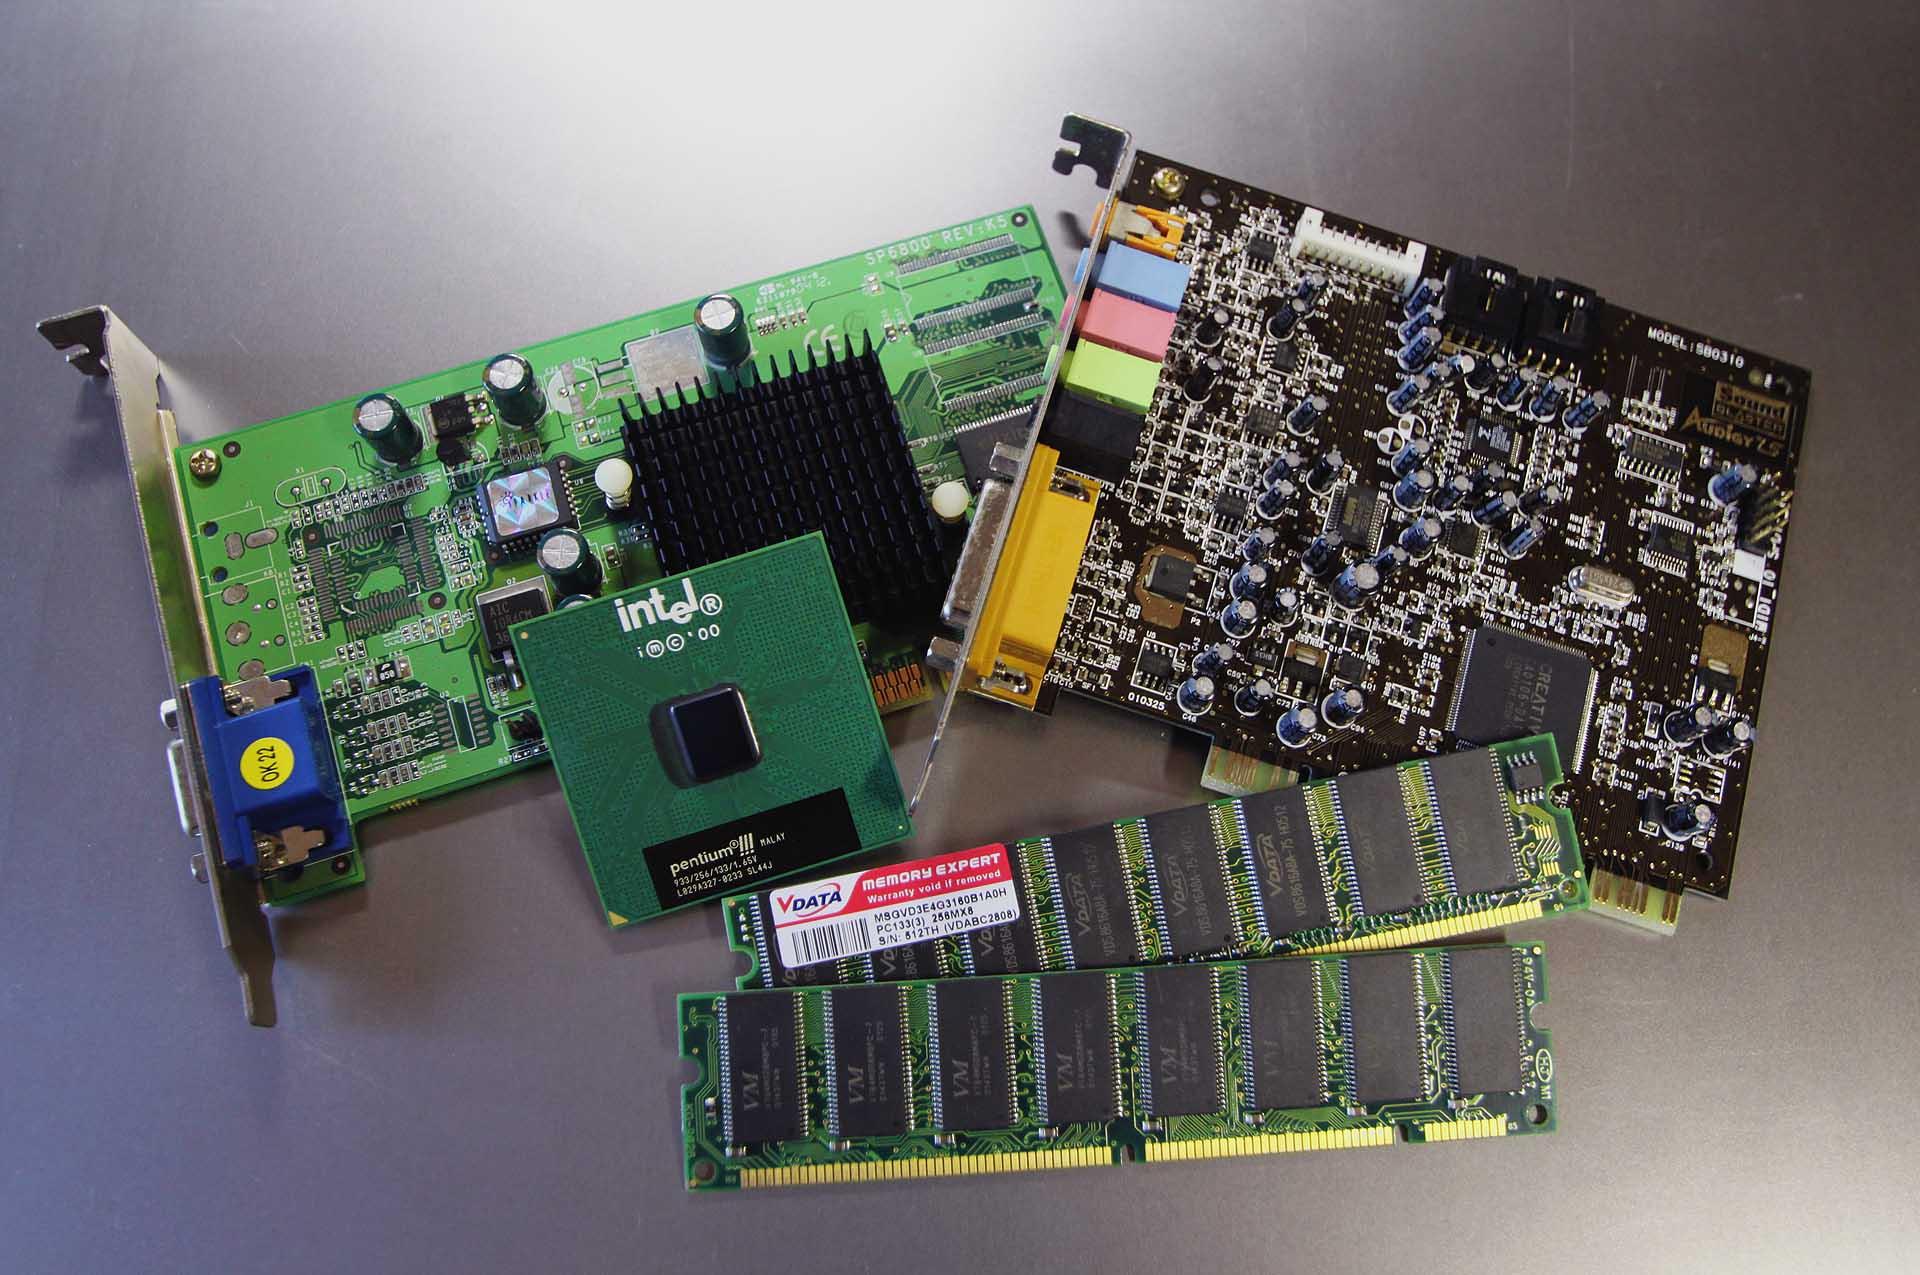 Internet su Hackintosh: schede PCI-E e USB per WiFi e Bluetooth